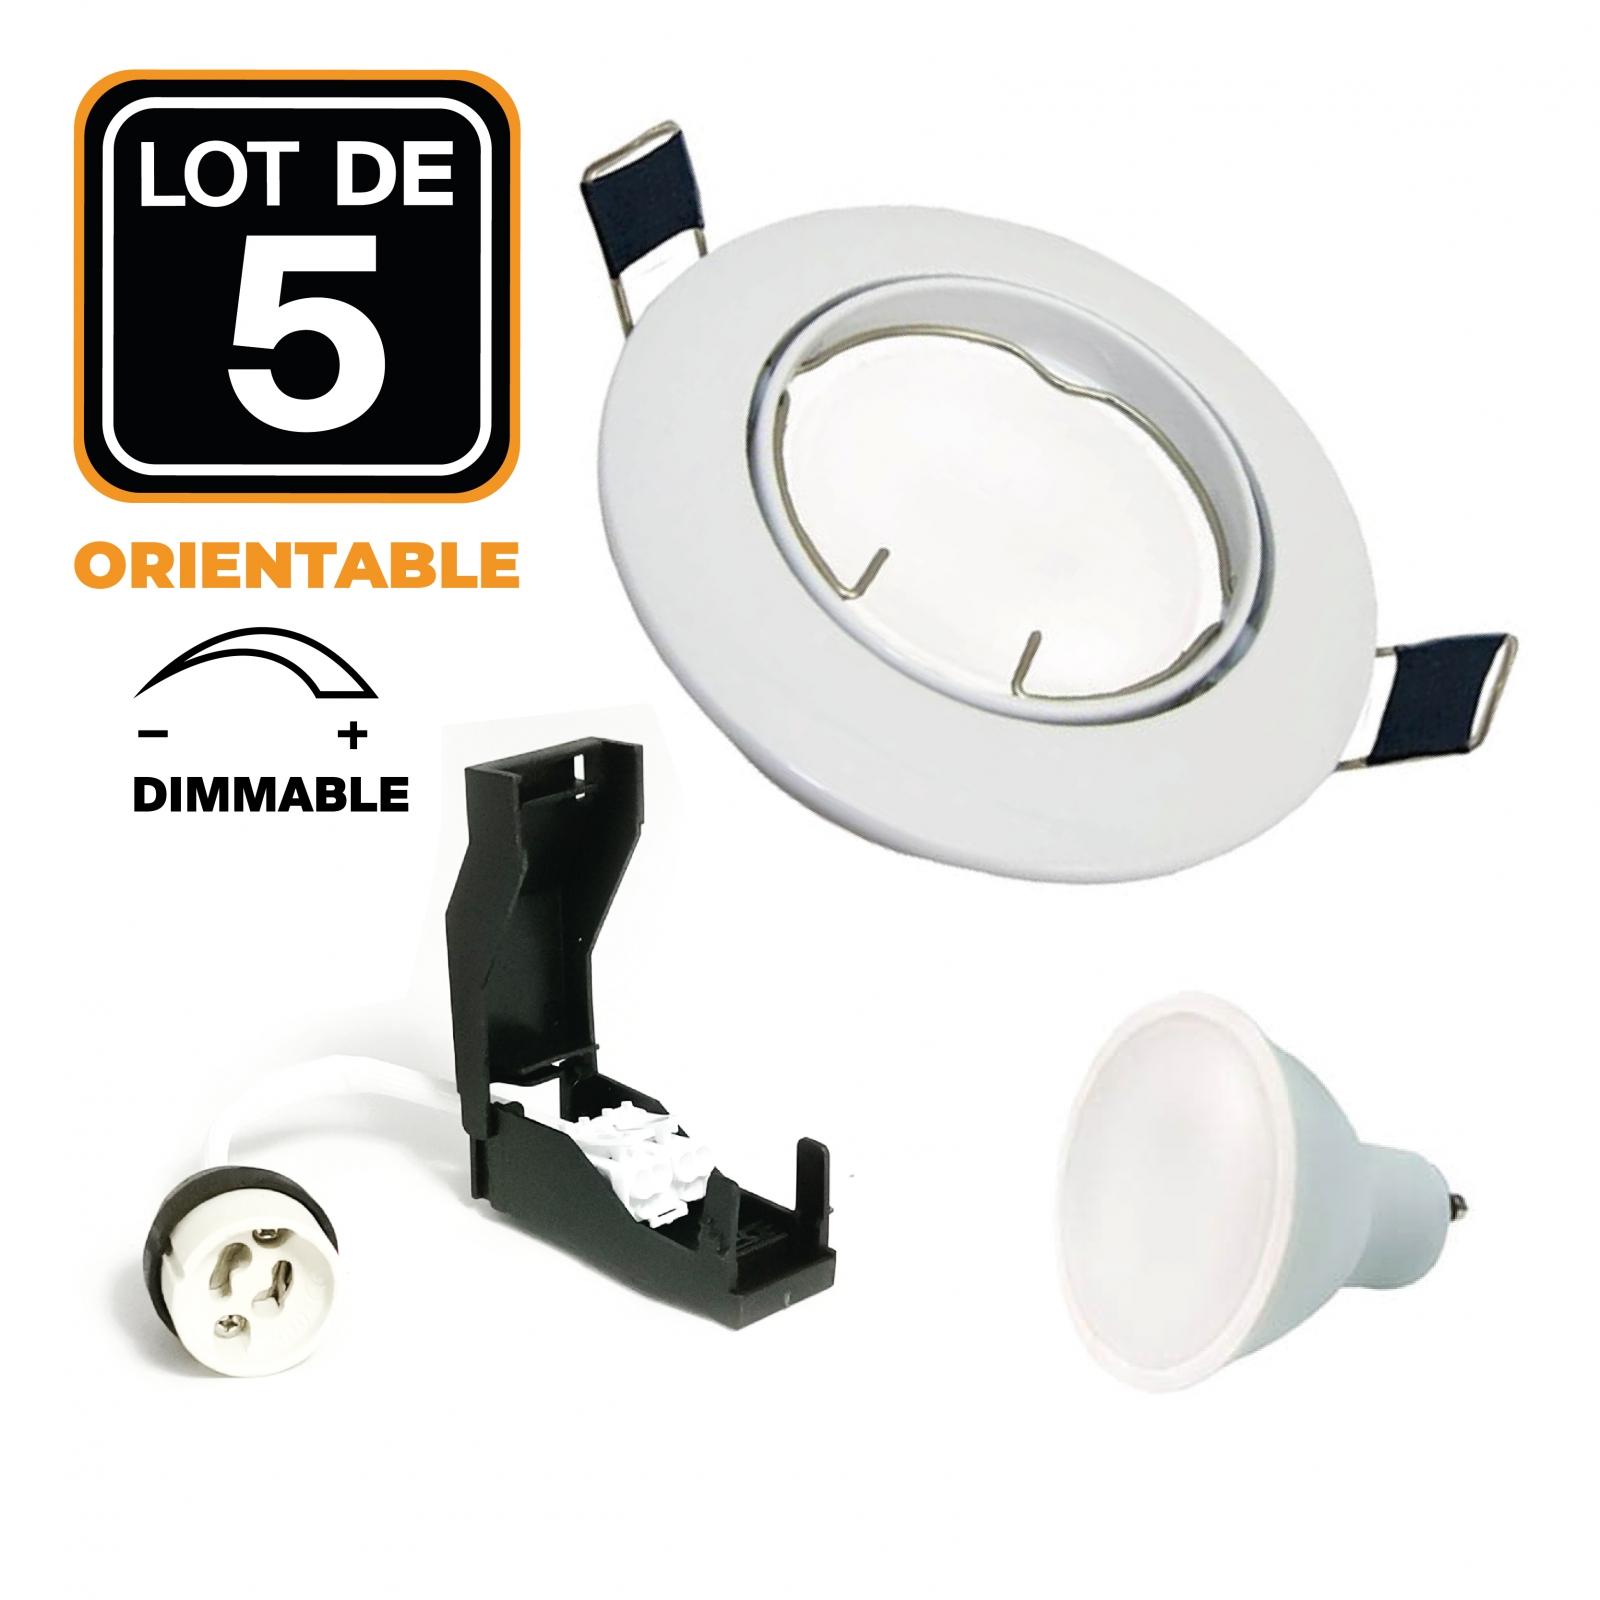 Lot de 5 Spot encastrable orientable BLANC avec GU10 LED de 6W Dimmable